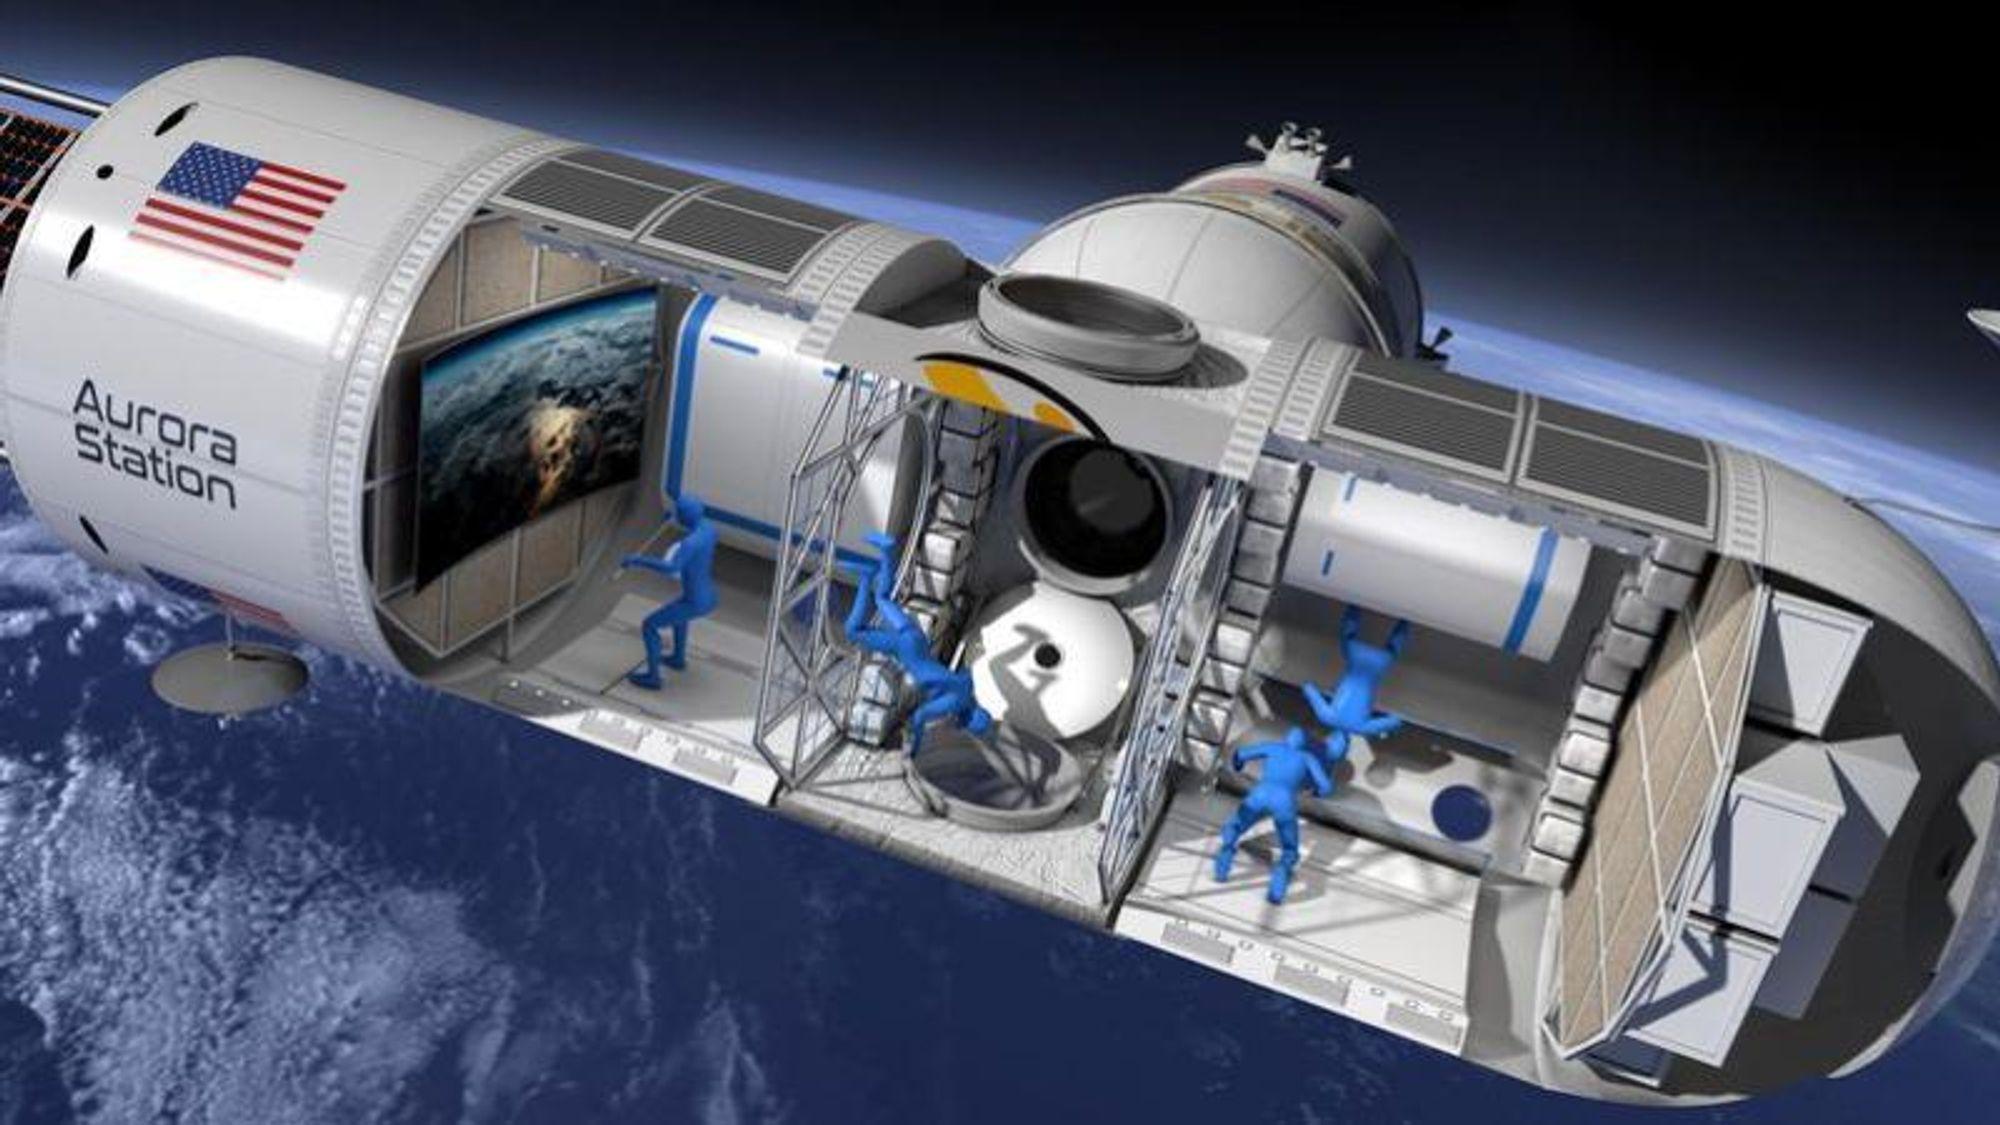 Slik ser man for seg at romstasjonen kommer til å se ut på innsiden.Illustrasjon: Orion Span Inc.